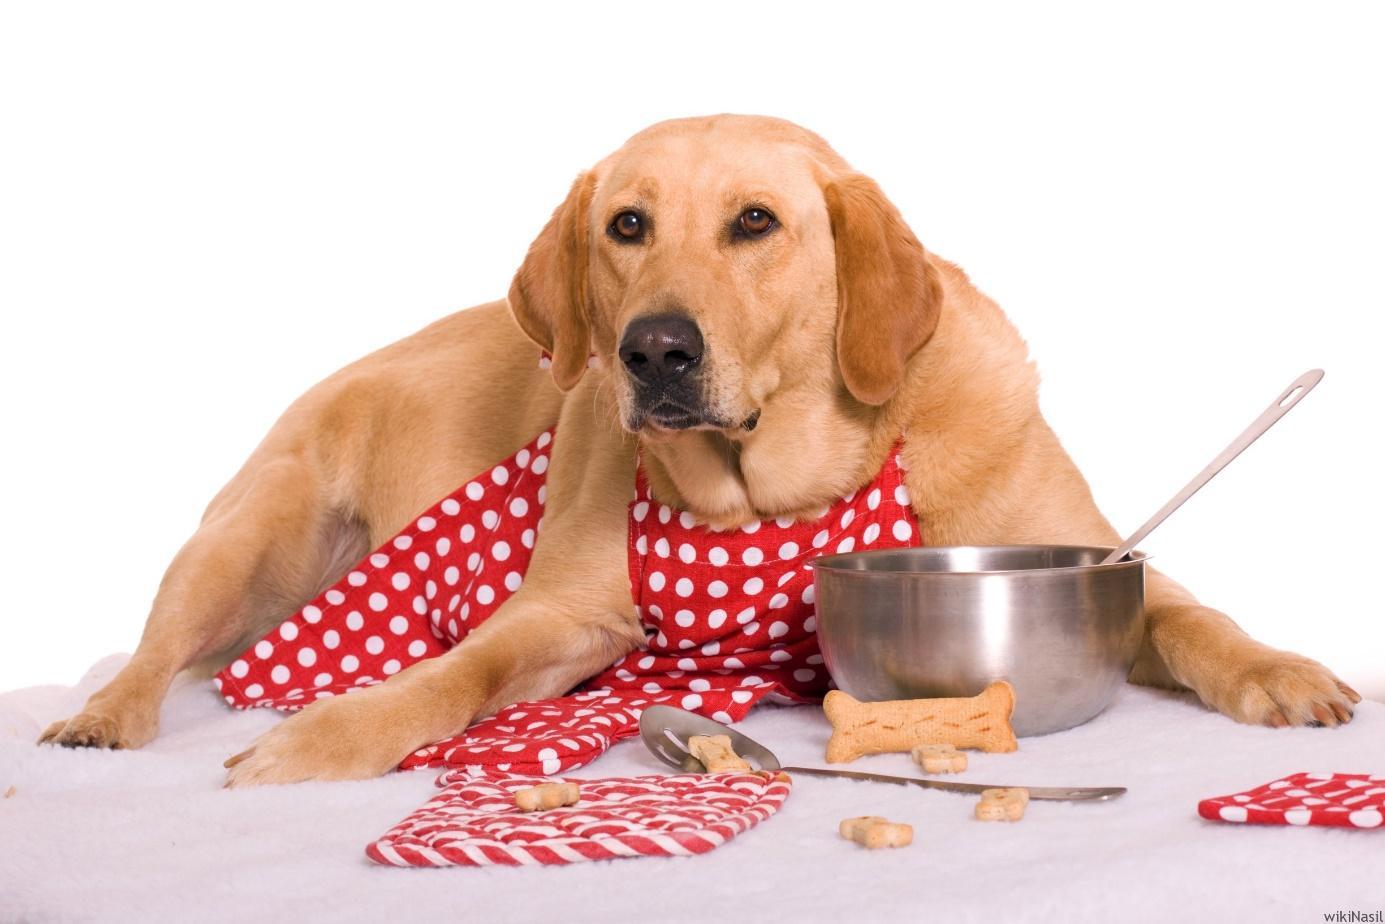 köpek, iç mekan, kahverengi, ten rengi içeren bir resim Açıklama otomatik olarak oluşturuldu